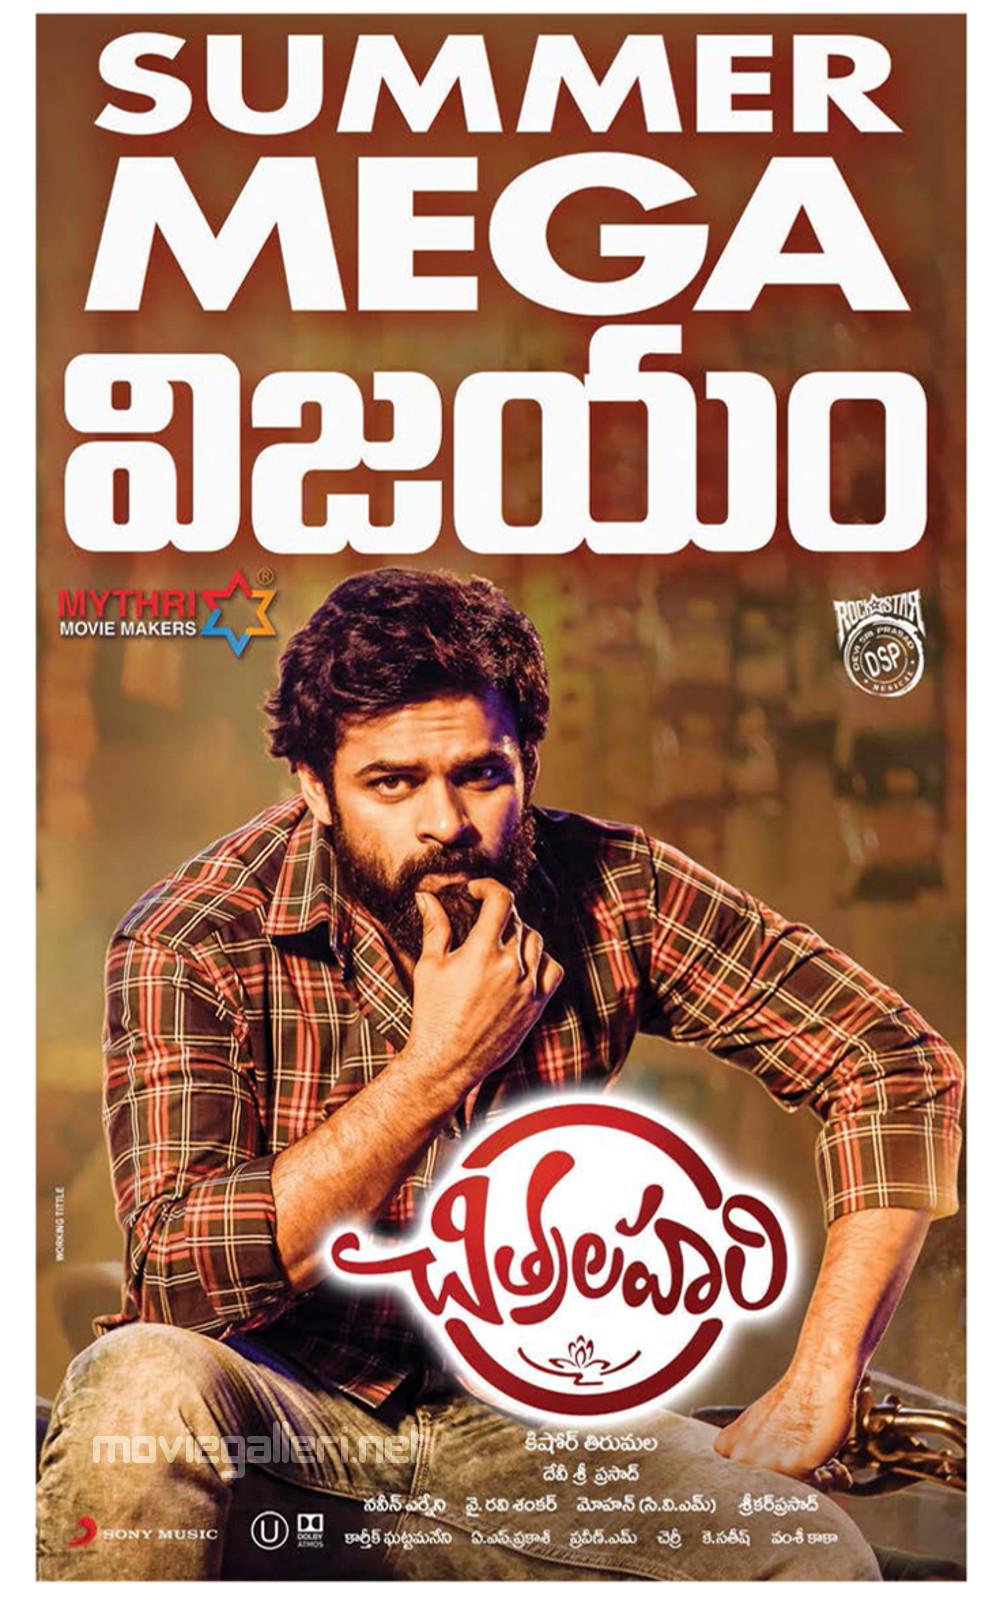 Chitralahari Summer Mega Vijayam Poster HD